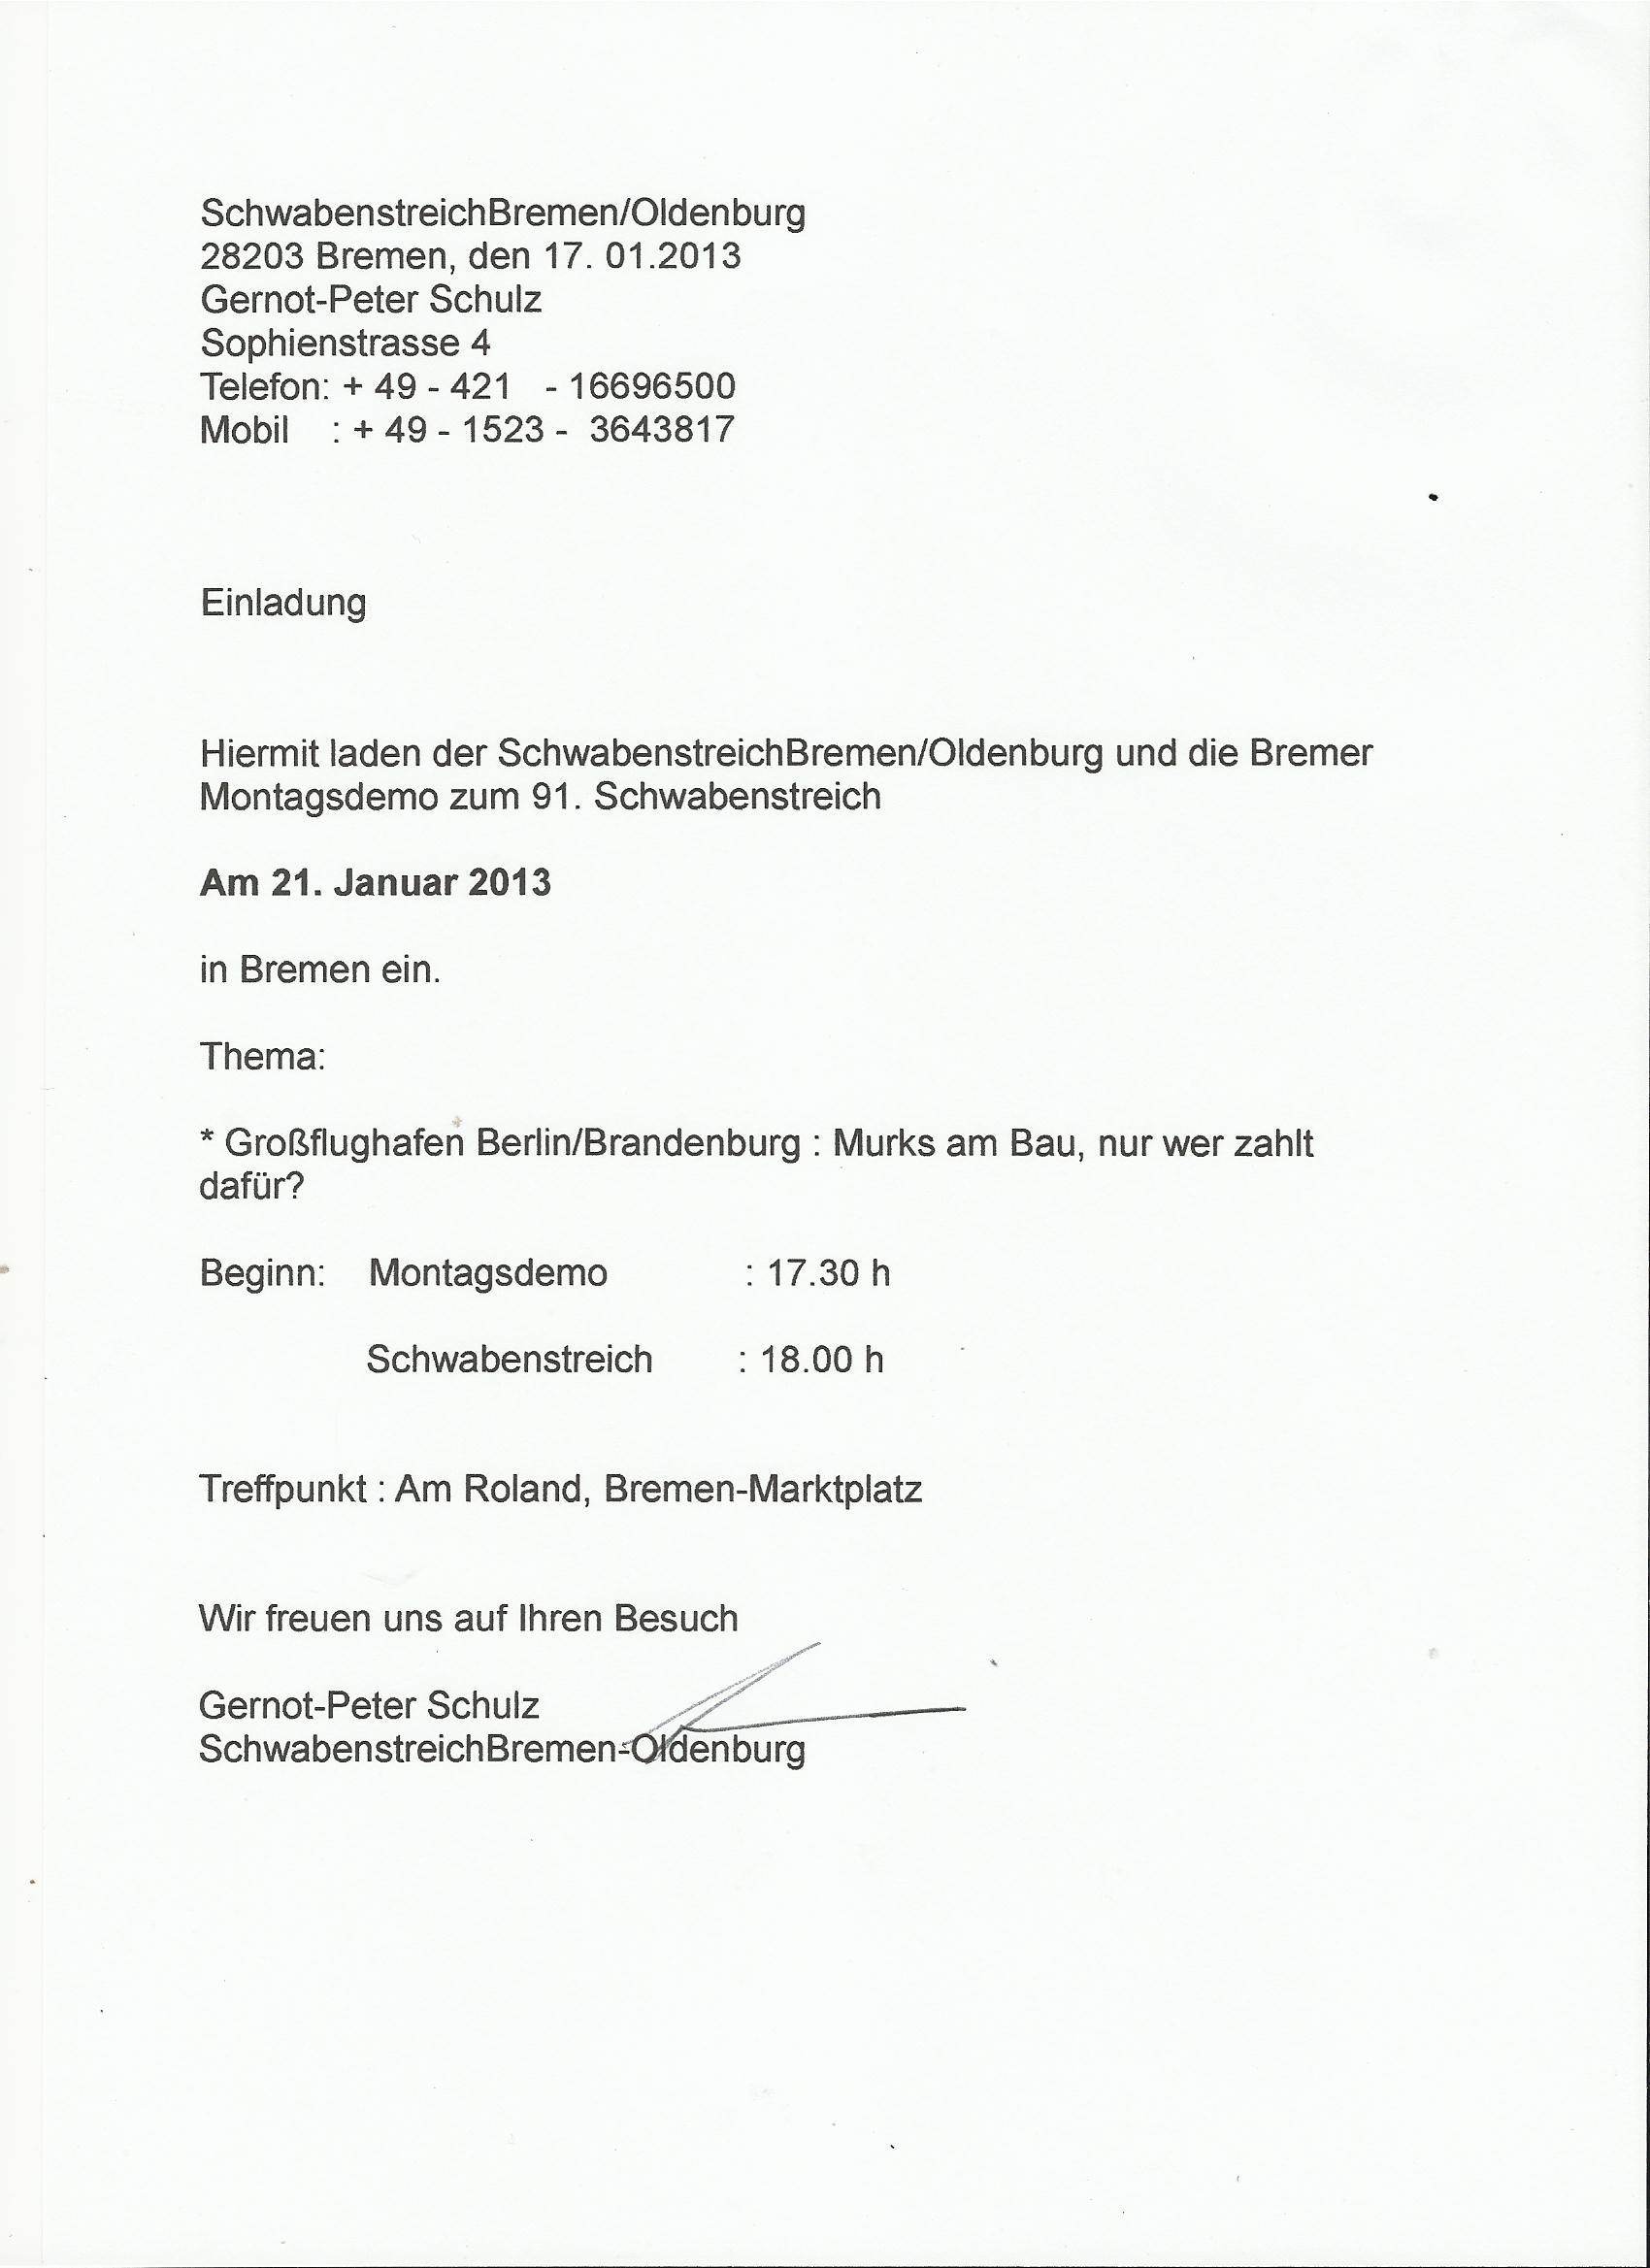 Einladung zum 91. Schwabenstreich